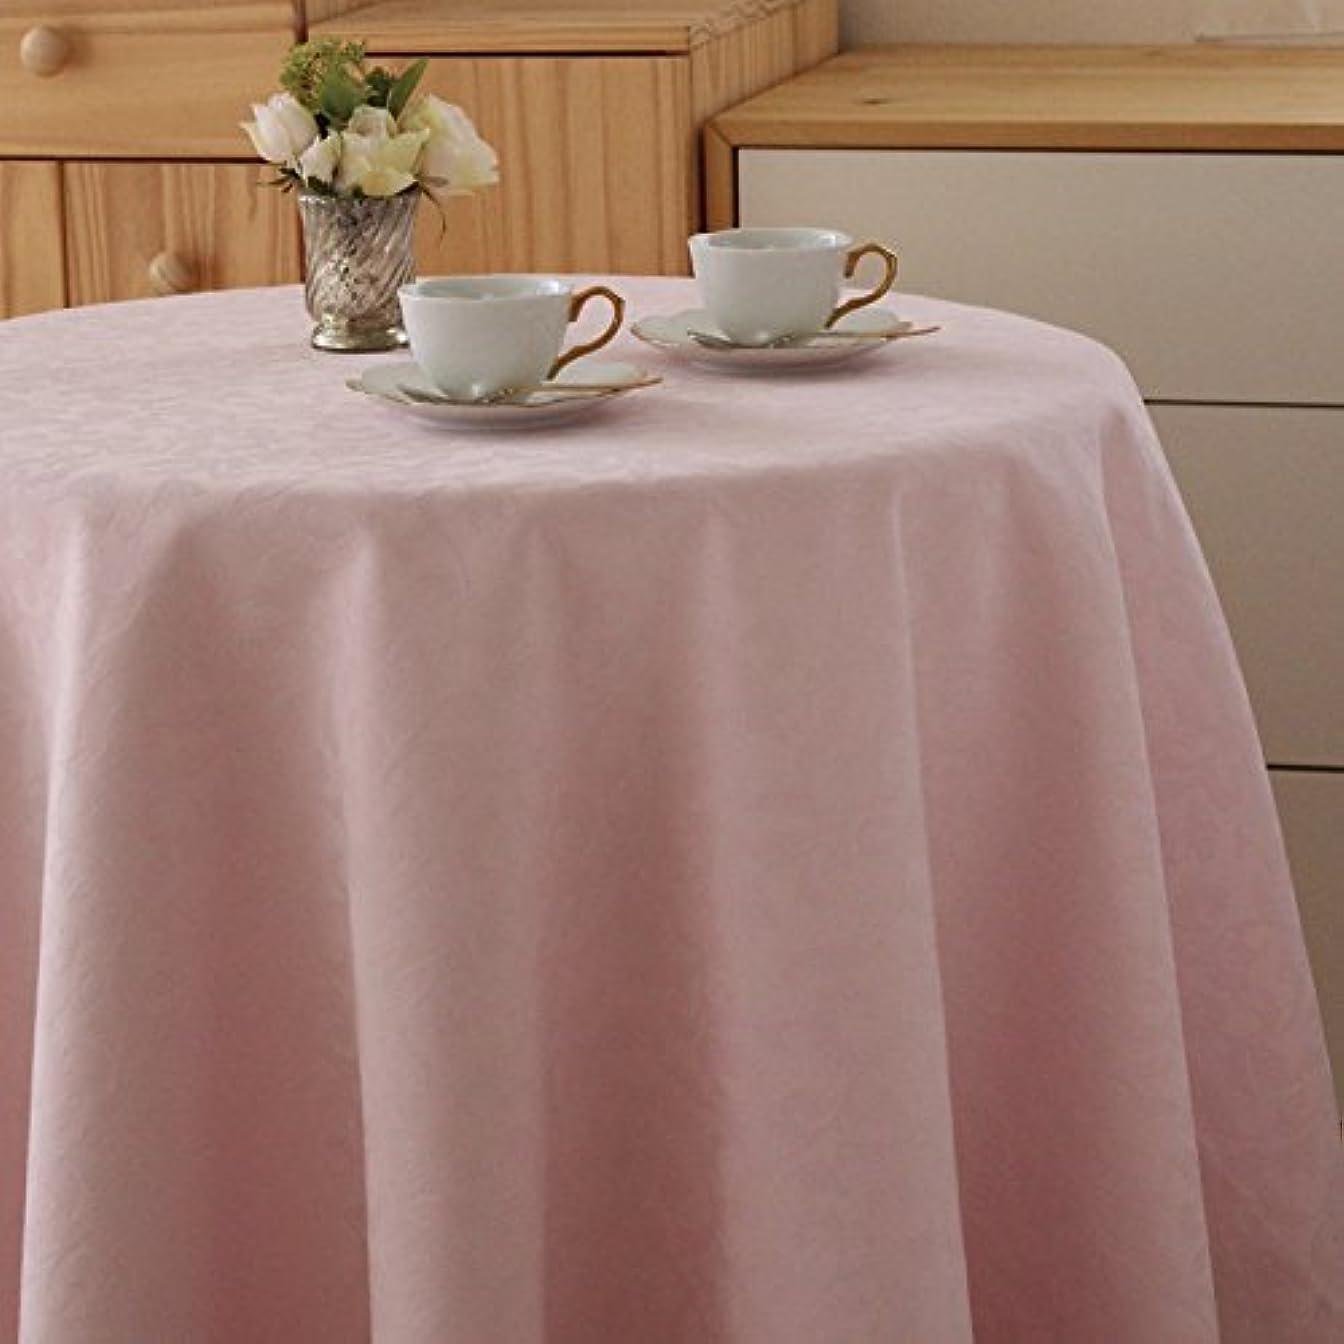 告白する意欲帽子円形 テーブルクロス ラフィネ 直径170cm (日本製) アラベスク柄 [上品な質感] ピンク ブルーミング中西